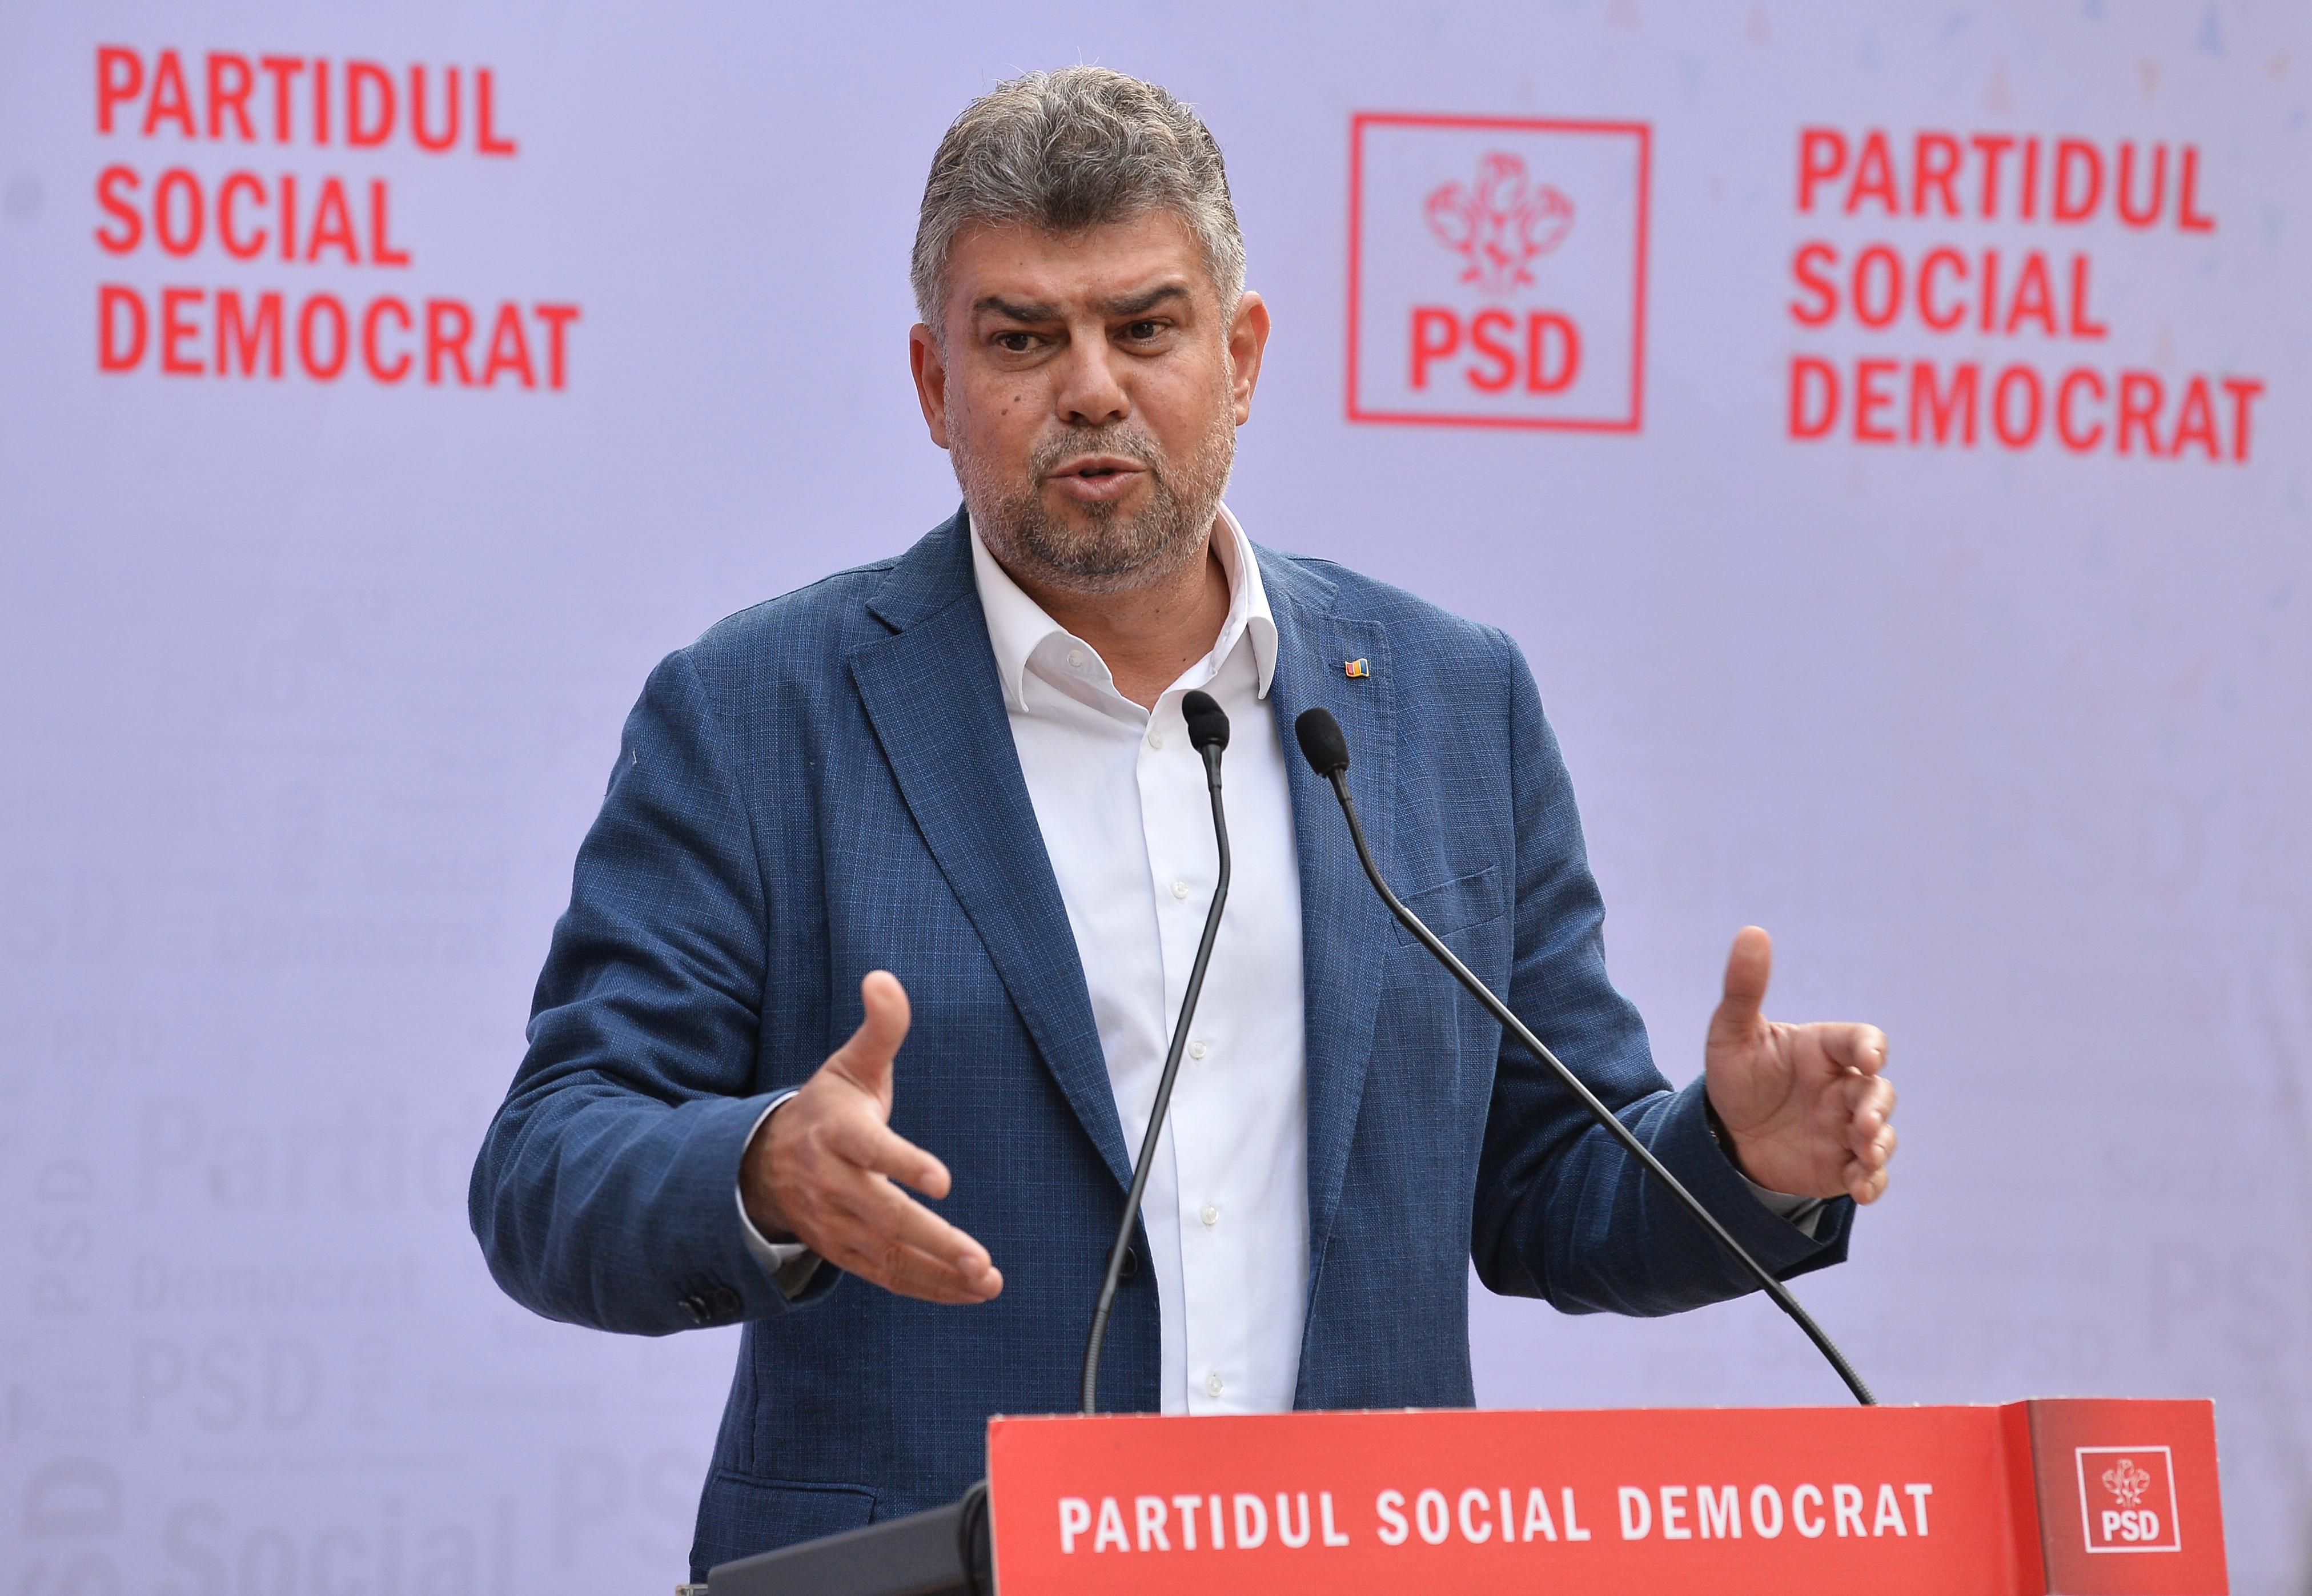 """Marcel Ciolacu caută sprijin pentru o moțiune PSD la AUR și minorități. """"Sunt şi proşti, sunt şi hoţi şi mincinoşi"""""""